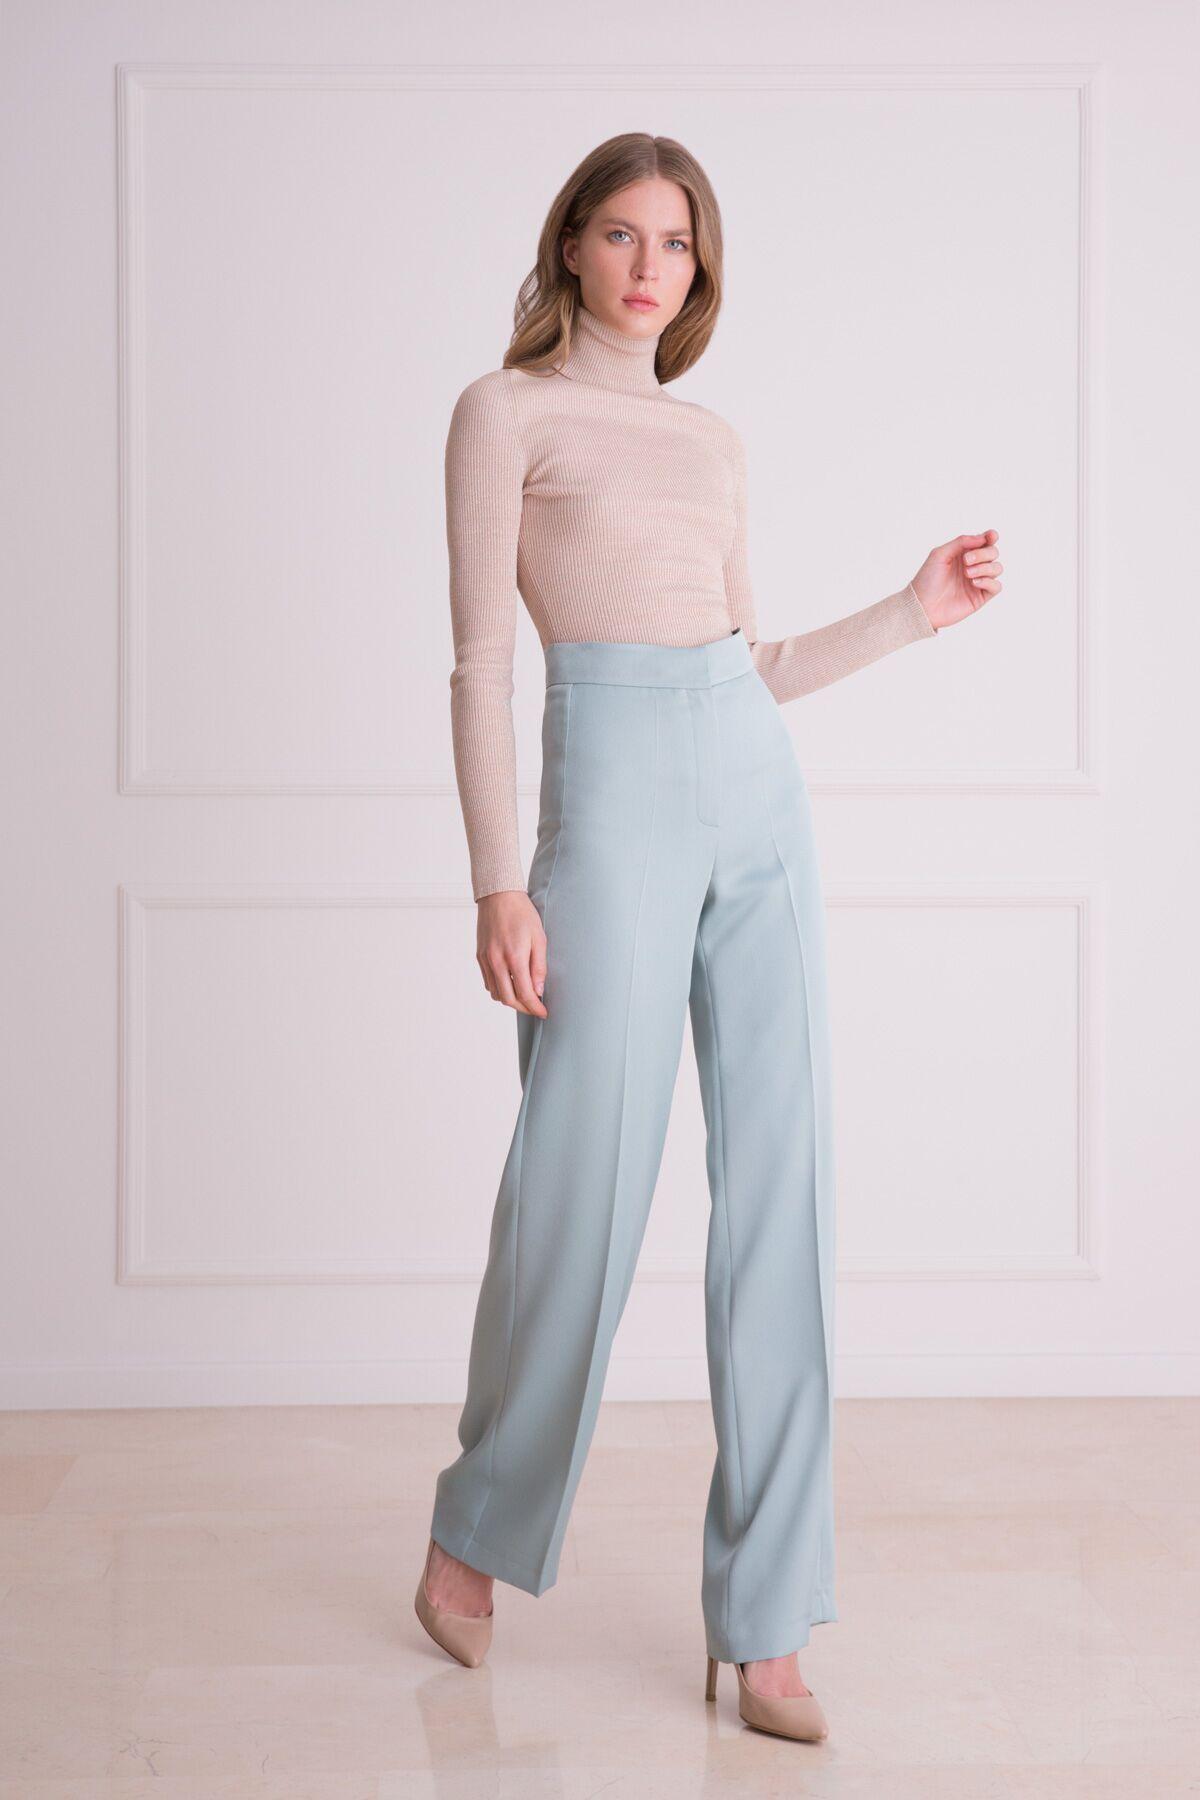 Küf Yeşili Yüksek Bel Kumaş Pantolon